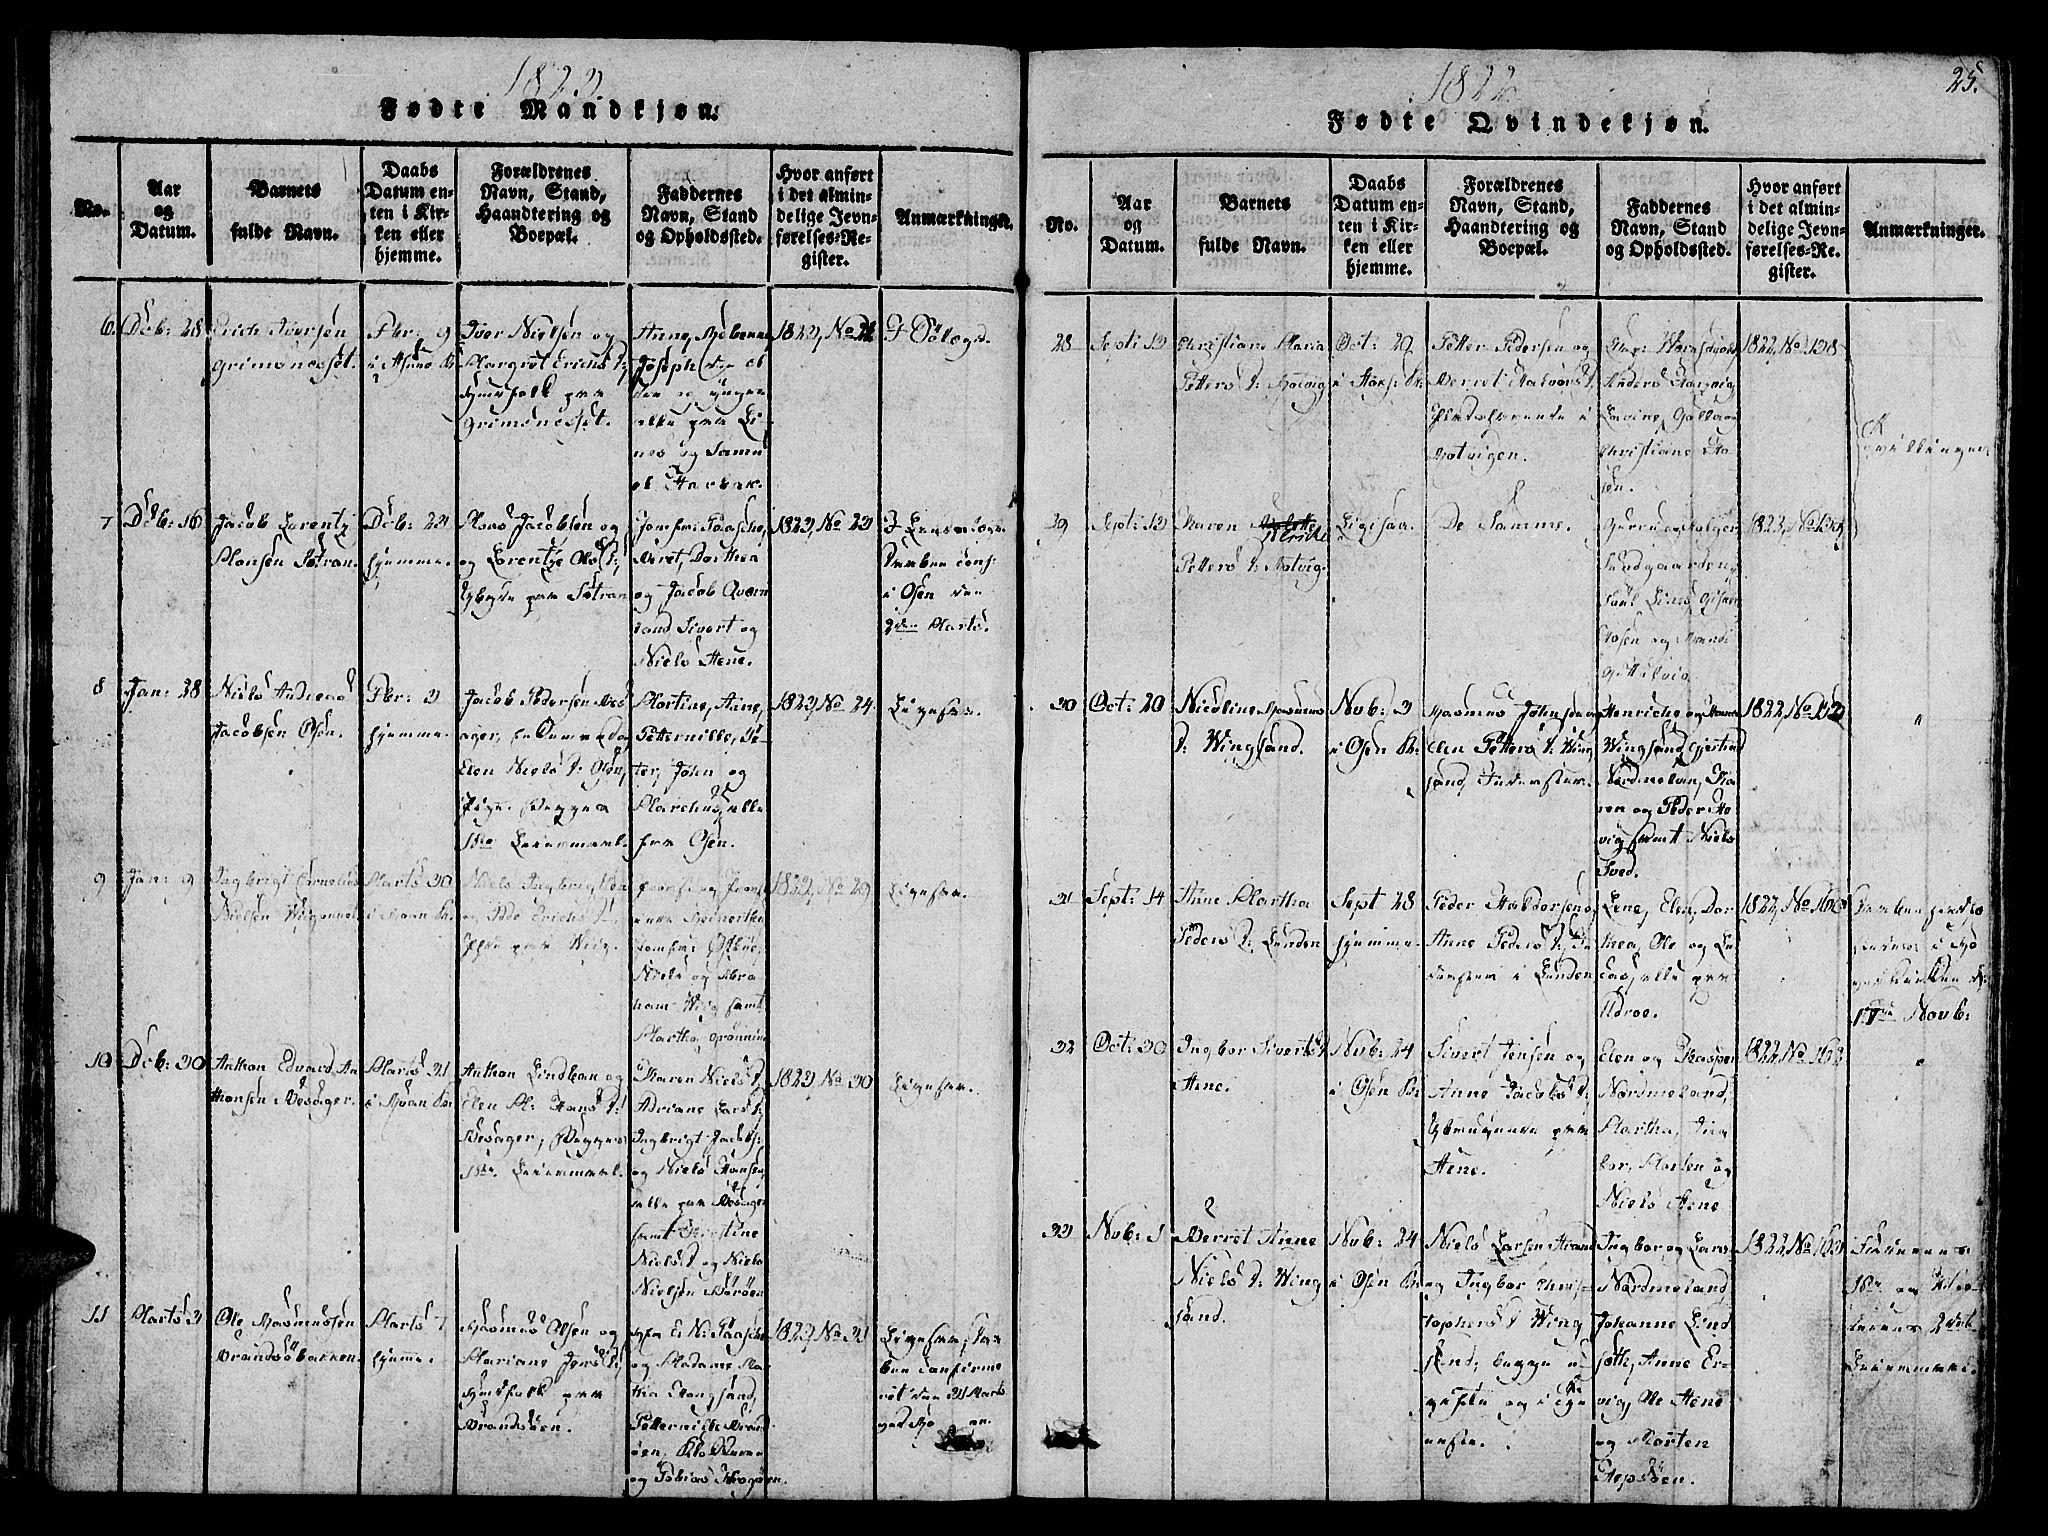 SAT, Ministerialprotokoller, klokkerbøker og fødselsregistre - Sør-Trøndelag, 657/L0702: Ministerialbok nr. 657A03, 1818-1831, s. 25